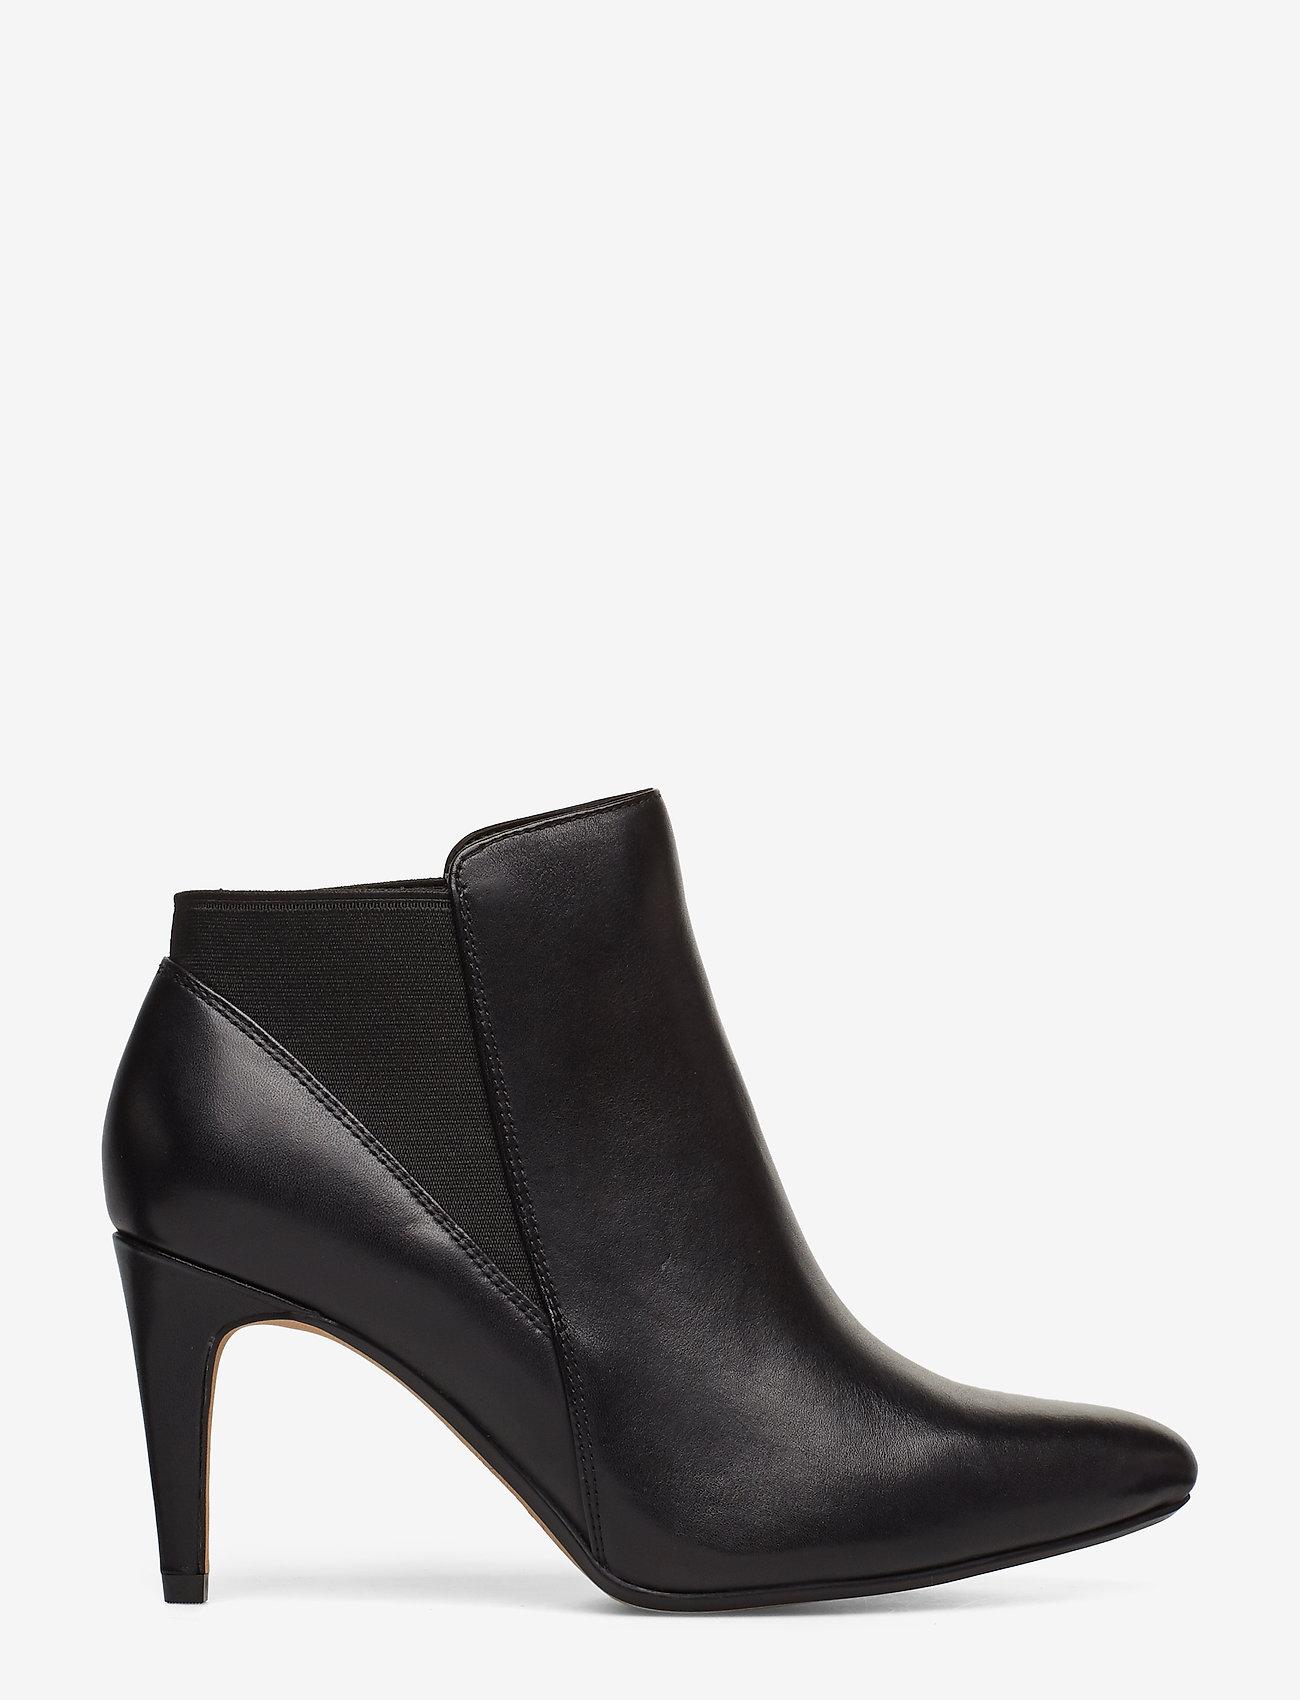 Clarks - Laina Violet - ankelstøvler med hæl - black leather - 1